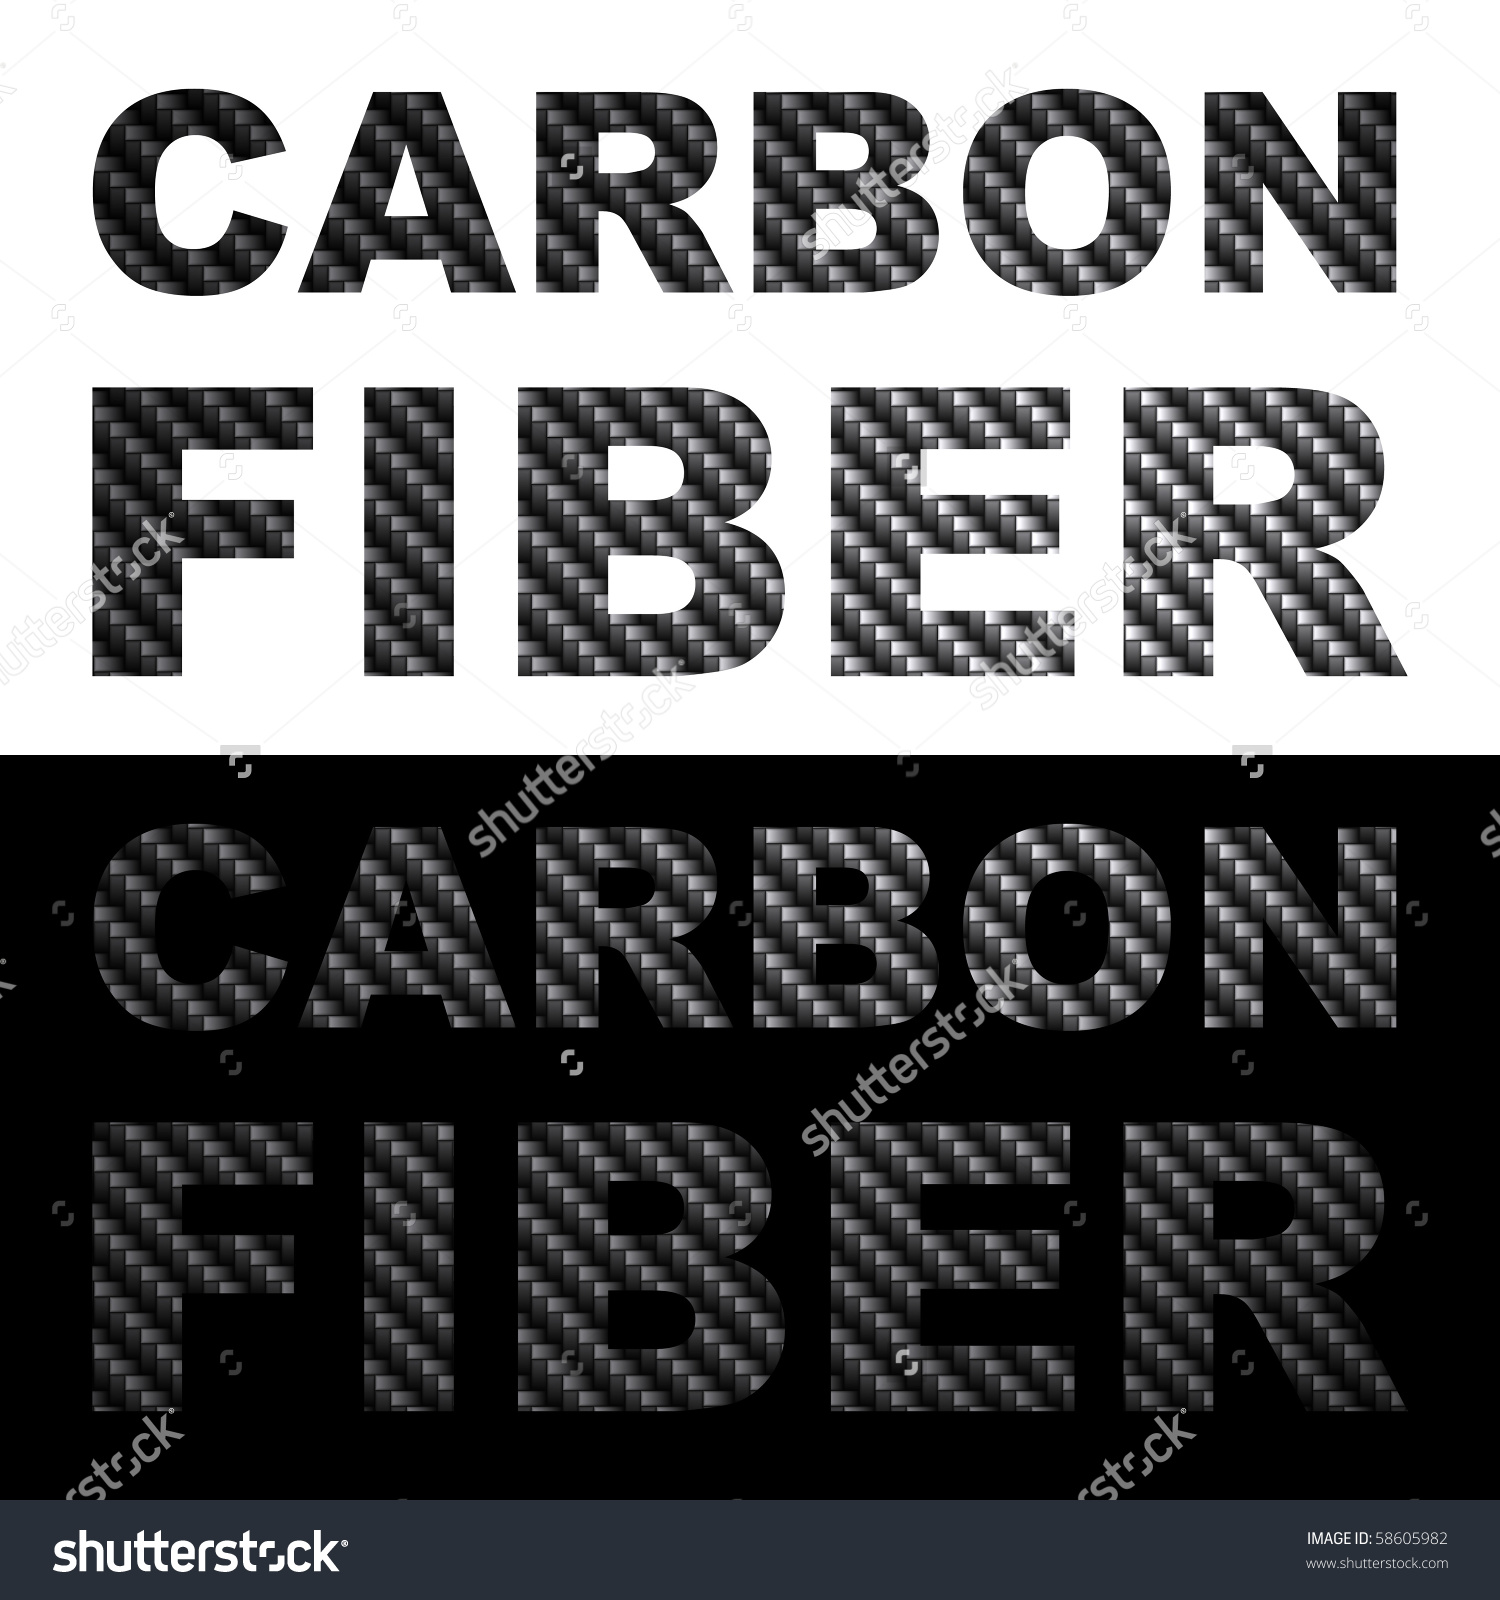 White fiber clipart #8